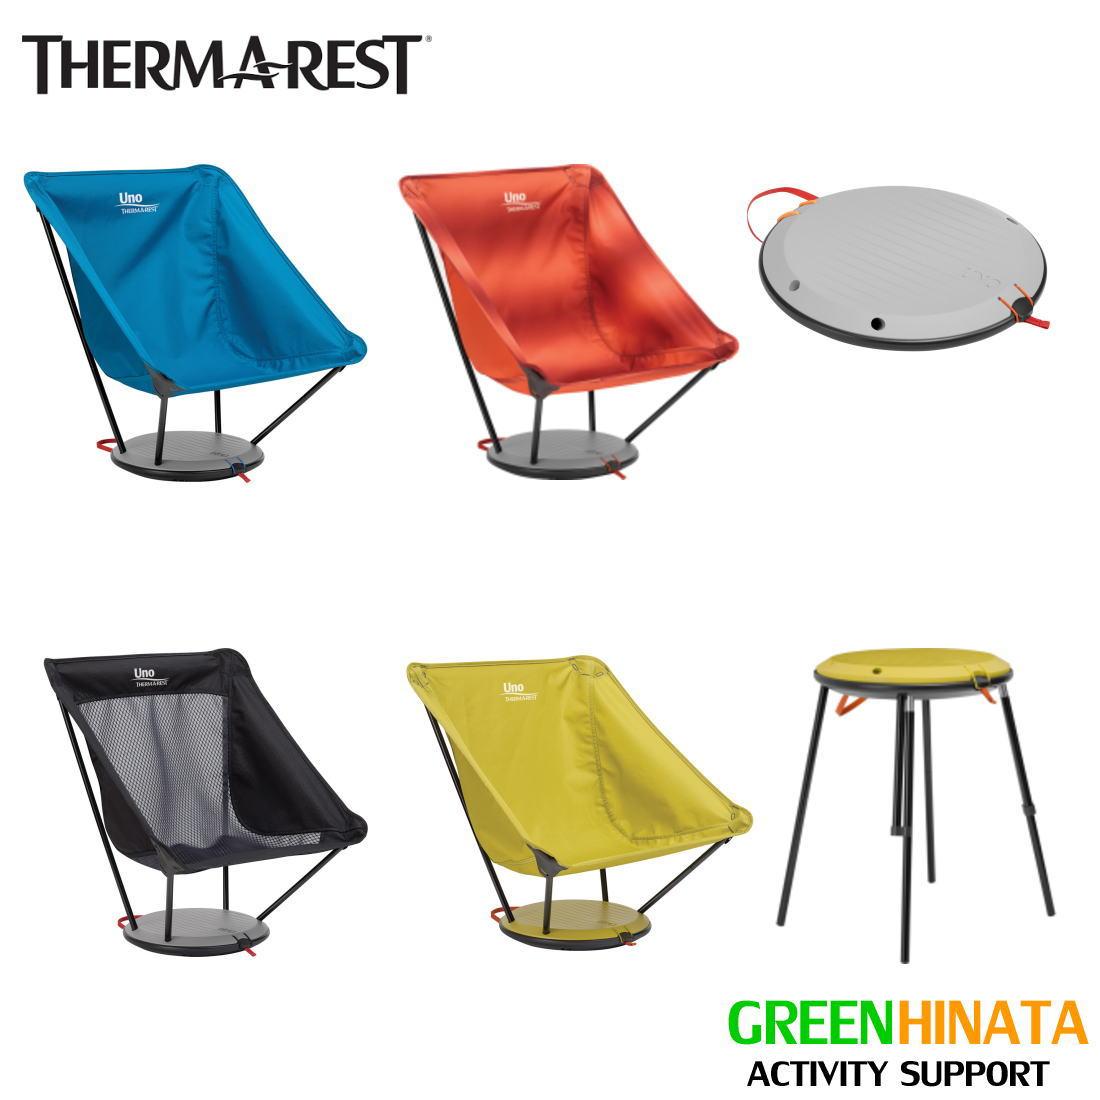 【国内正規品】 サーマレスト ウノチェア コンパクト収納 椅子 THERMAREST UNO CHAIR